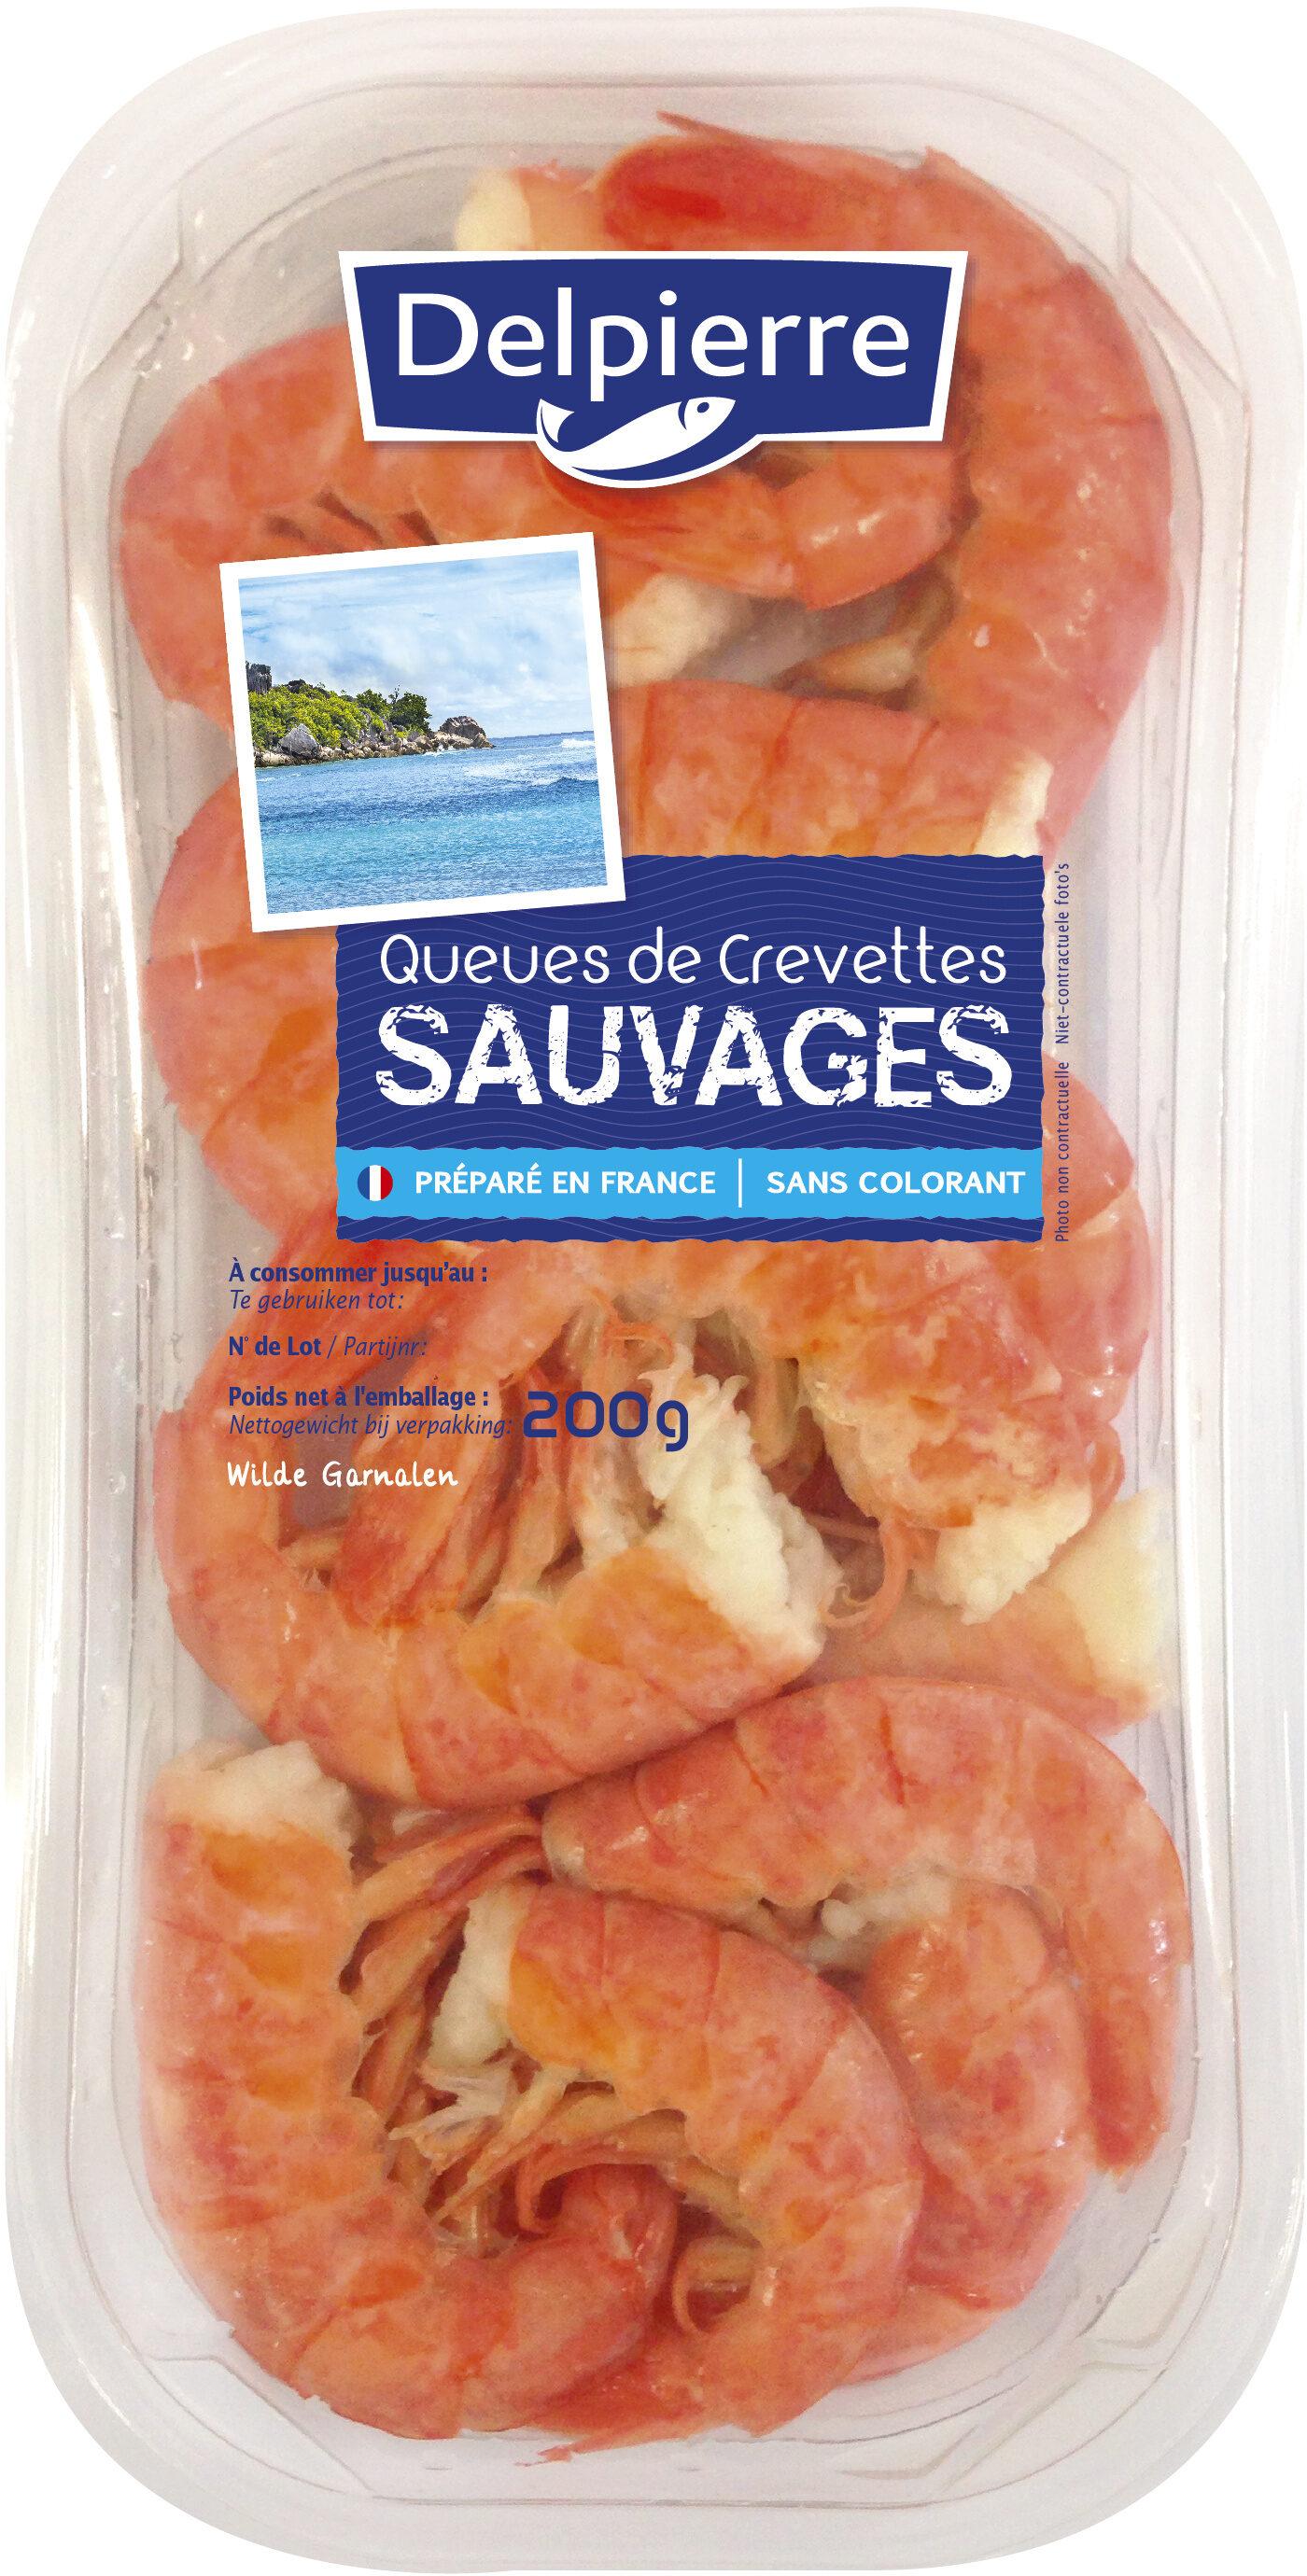 Queues de Crevettes Sauvages - Product